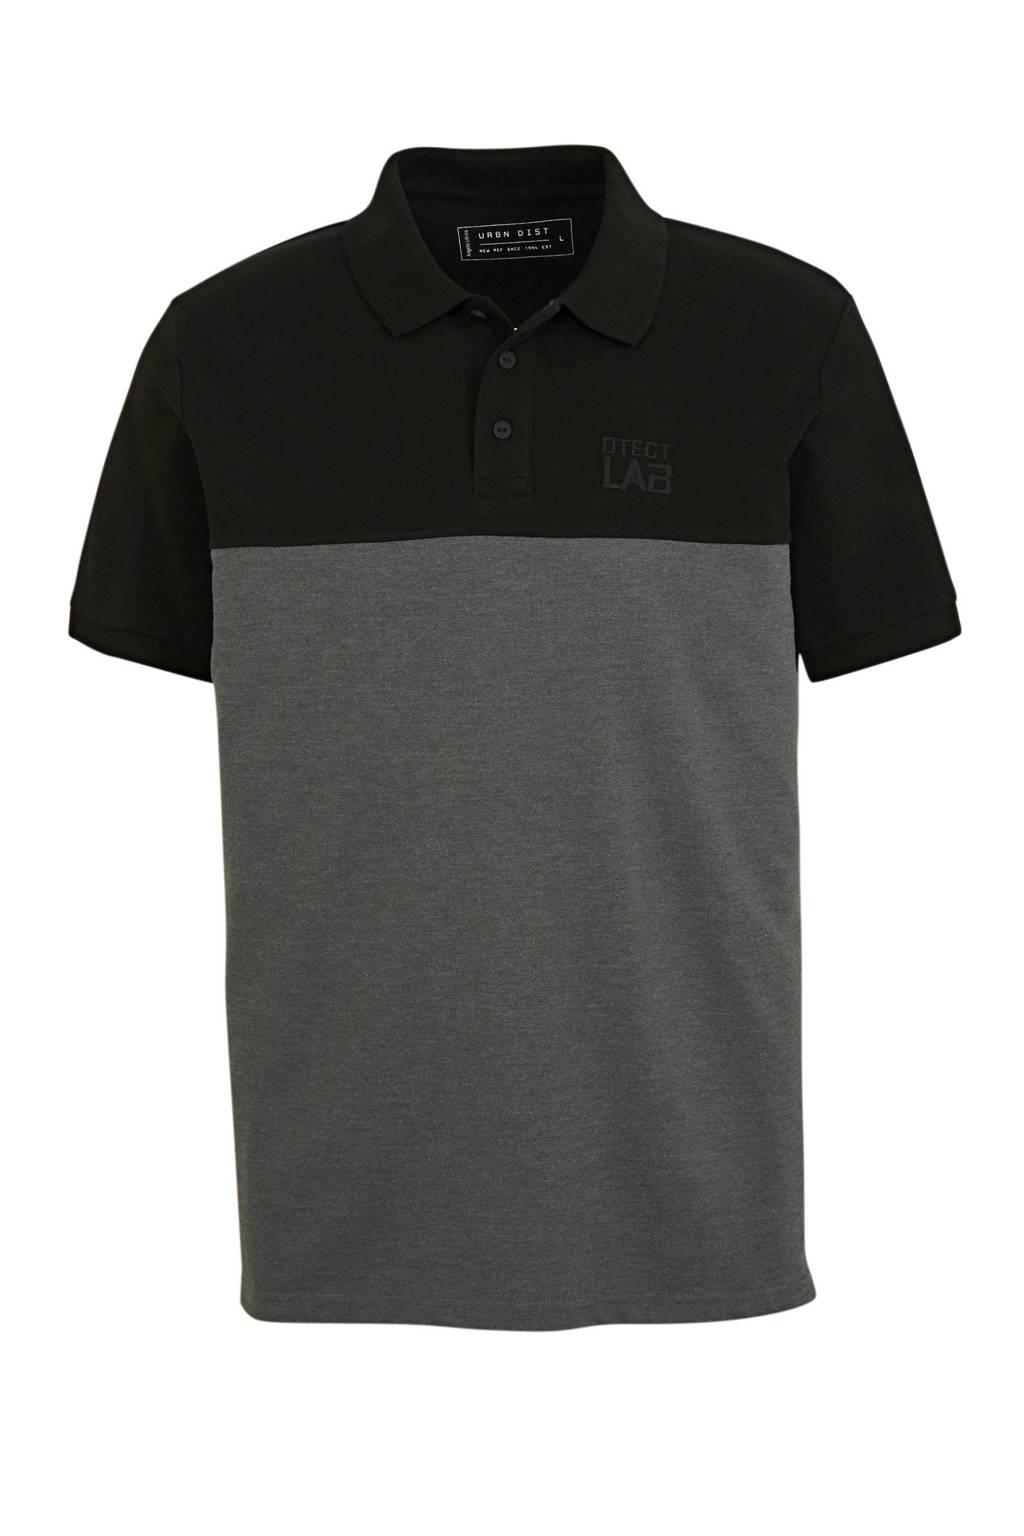 C&A Angelo Litrico regular fit polo zwart/grijs, Zwart/grijs